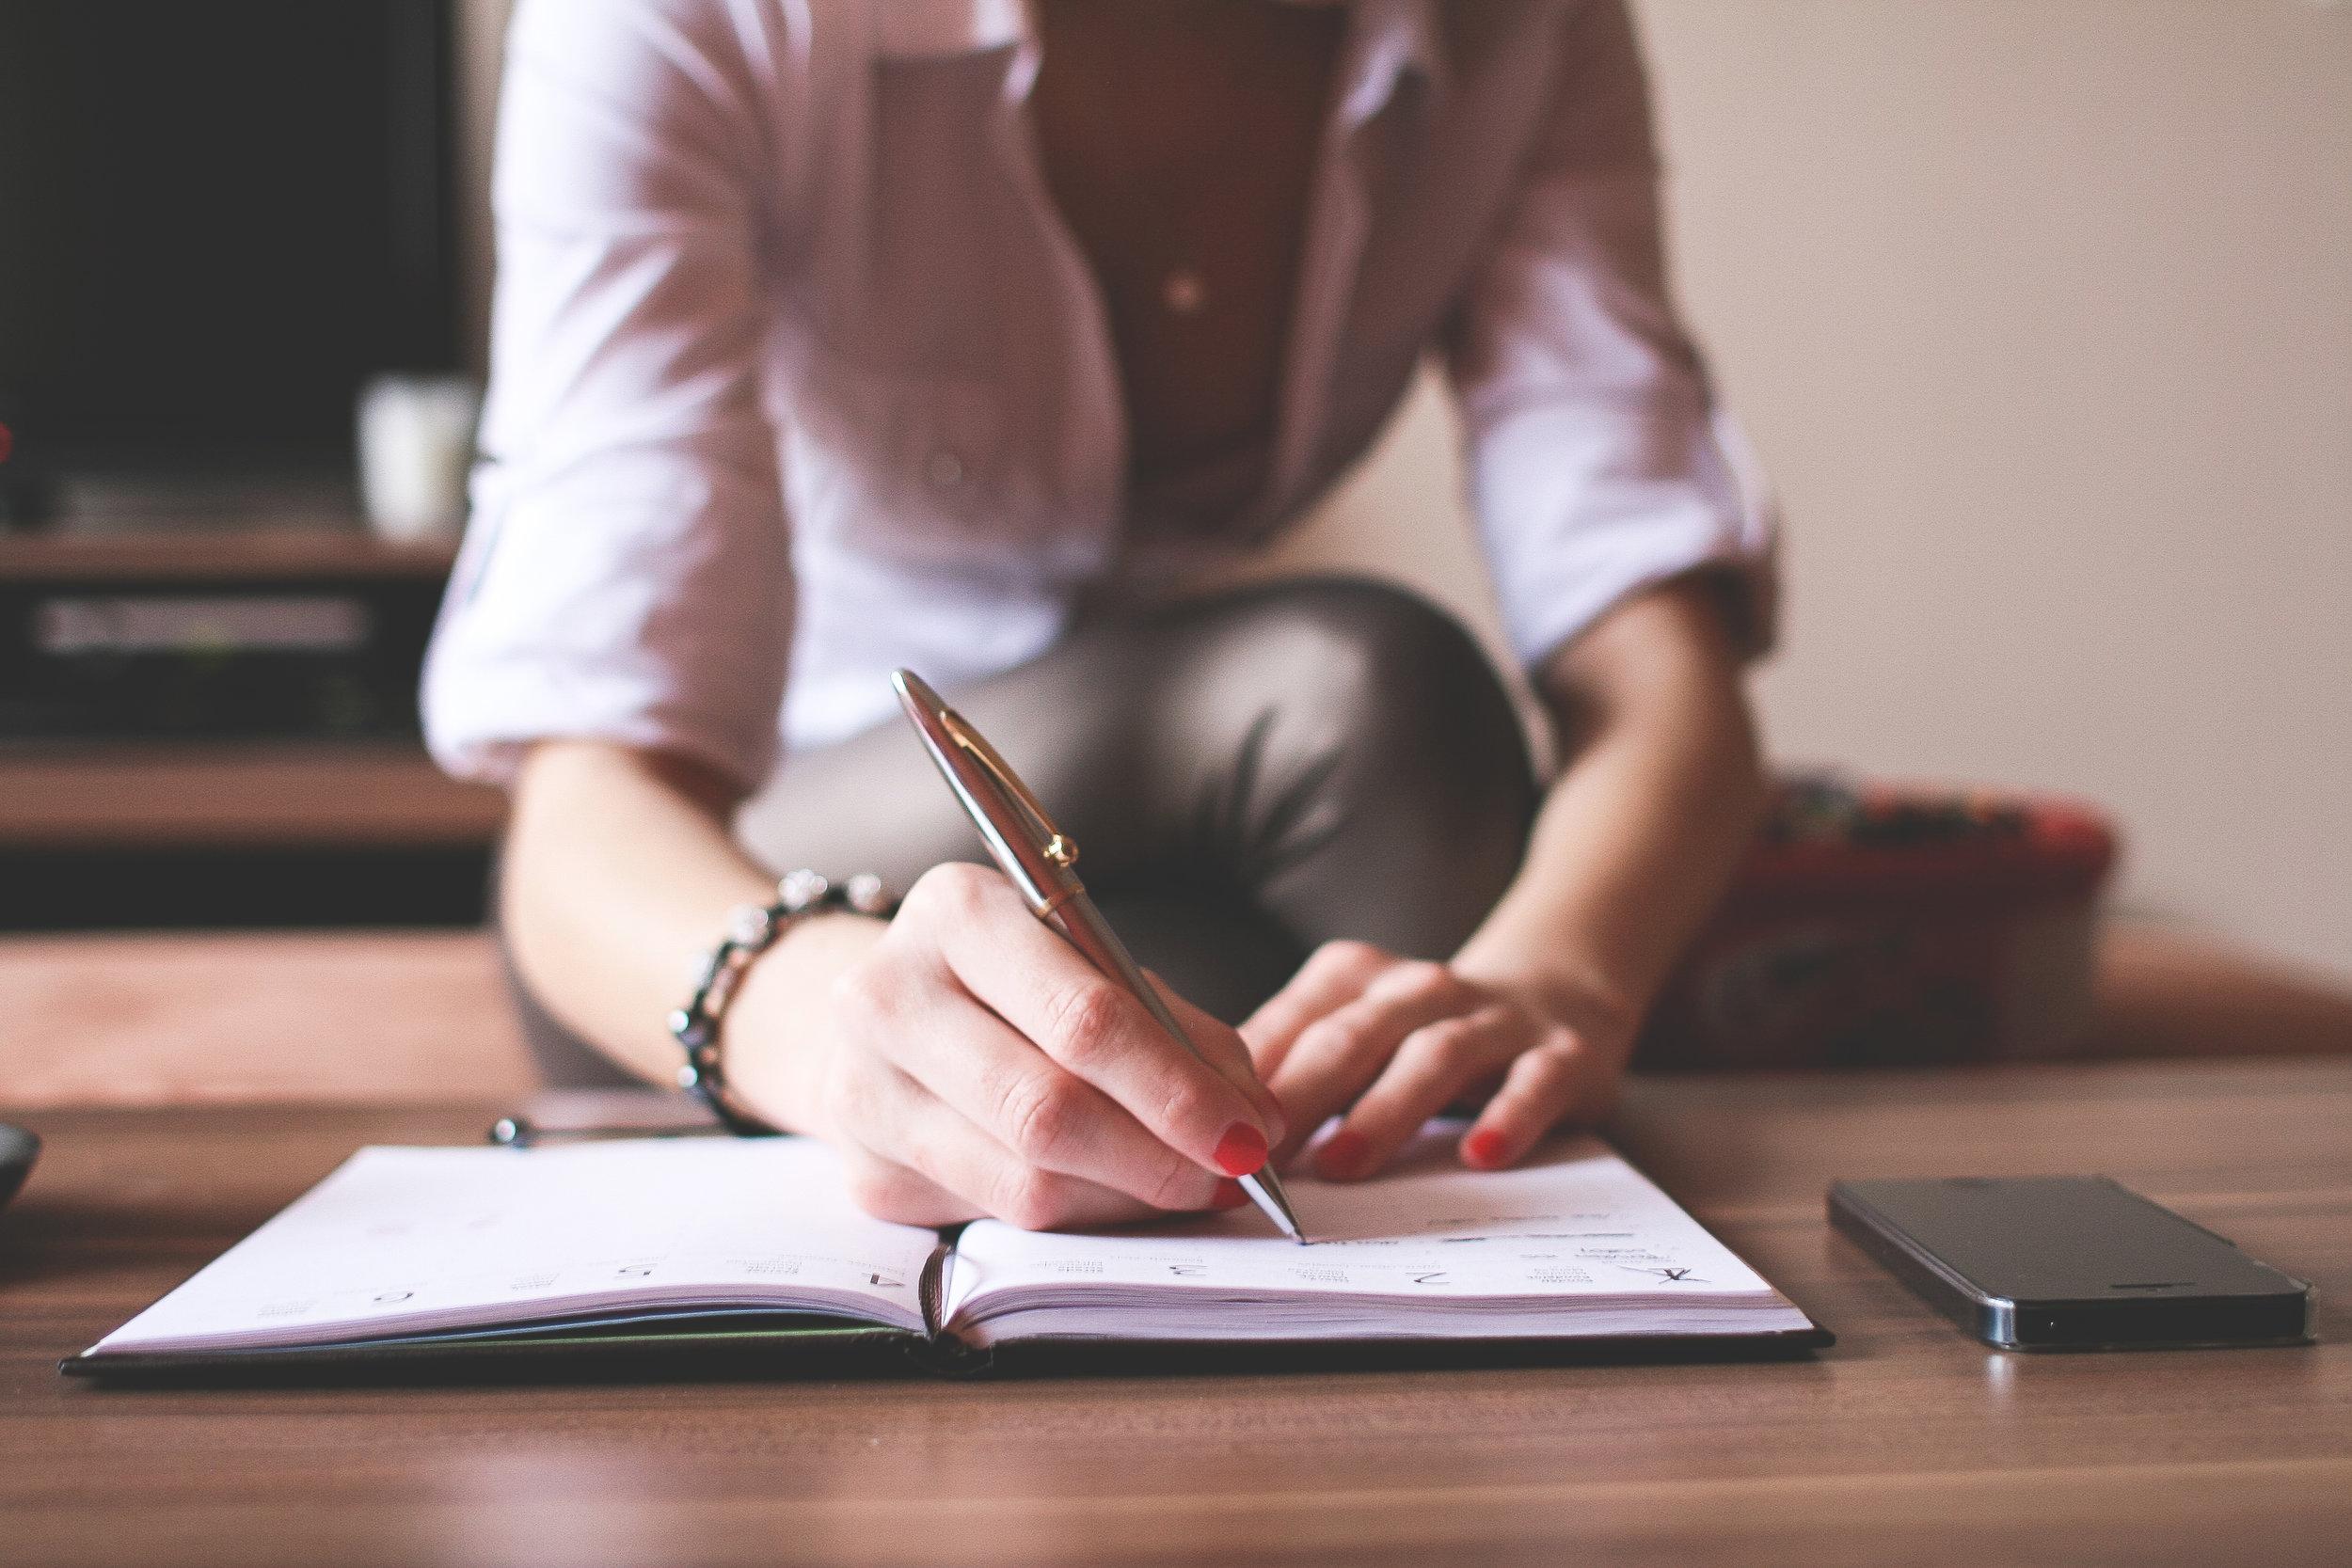 girl-writing-in-a-diary-picjumbo-com.jpg